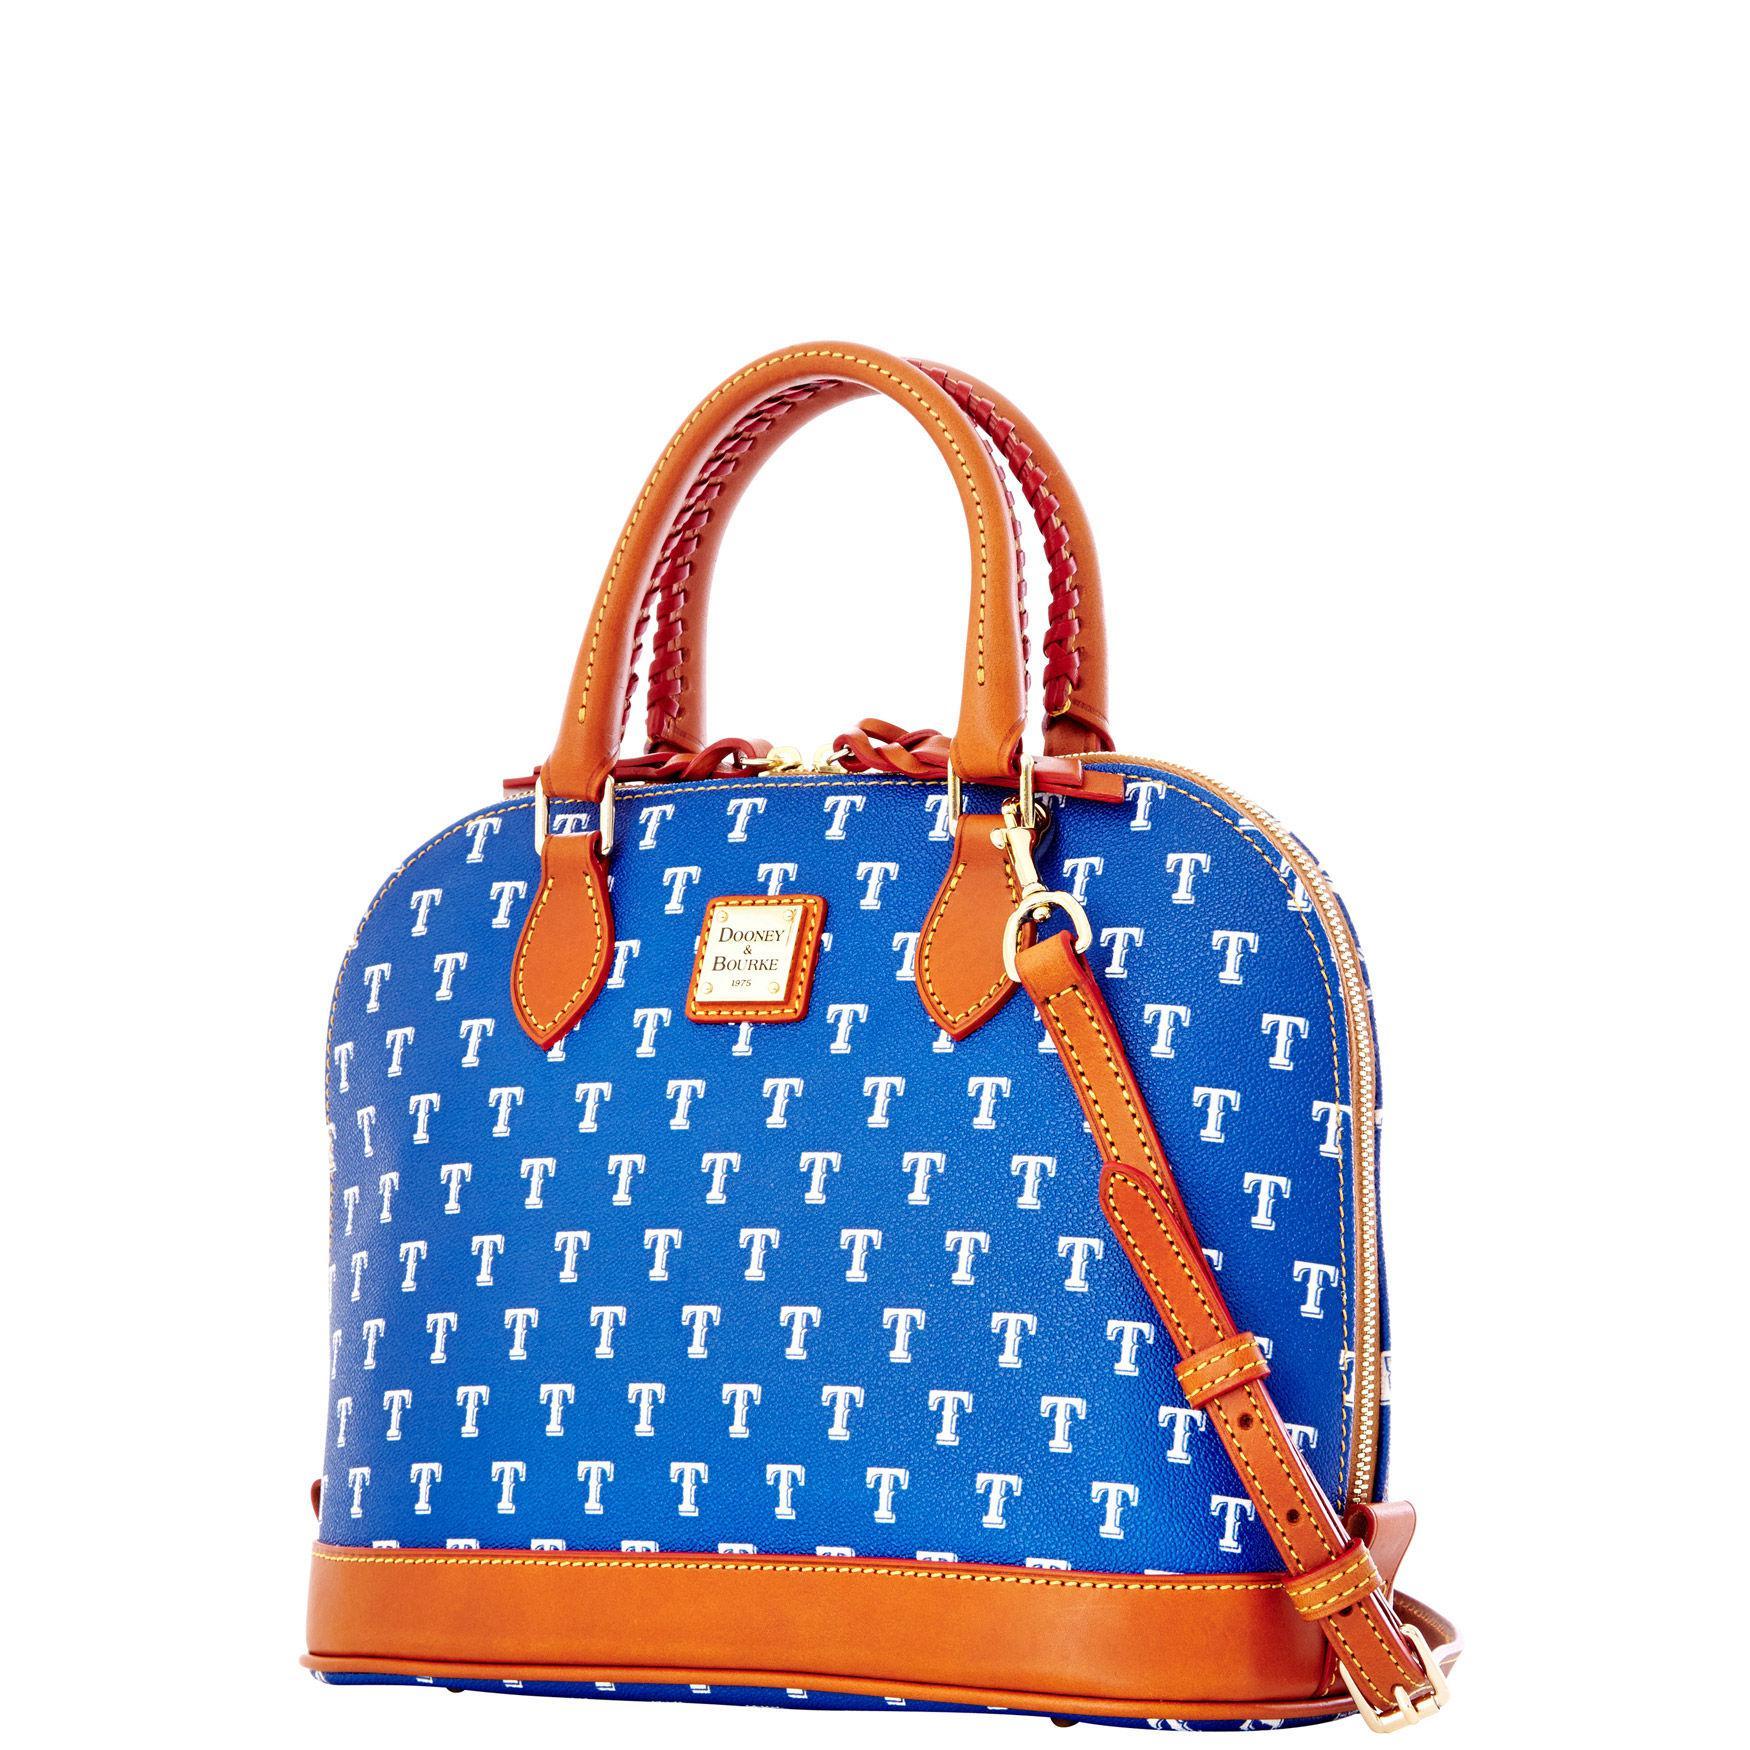 01809e4a04 Lyst - Dooney   Bourke Mlb Rangers Zip Zip Satchel in Blue